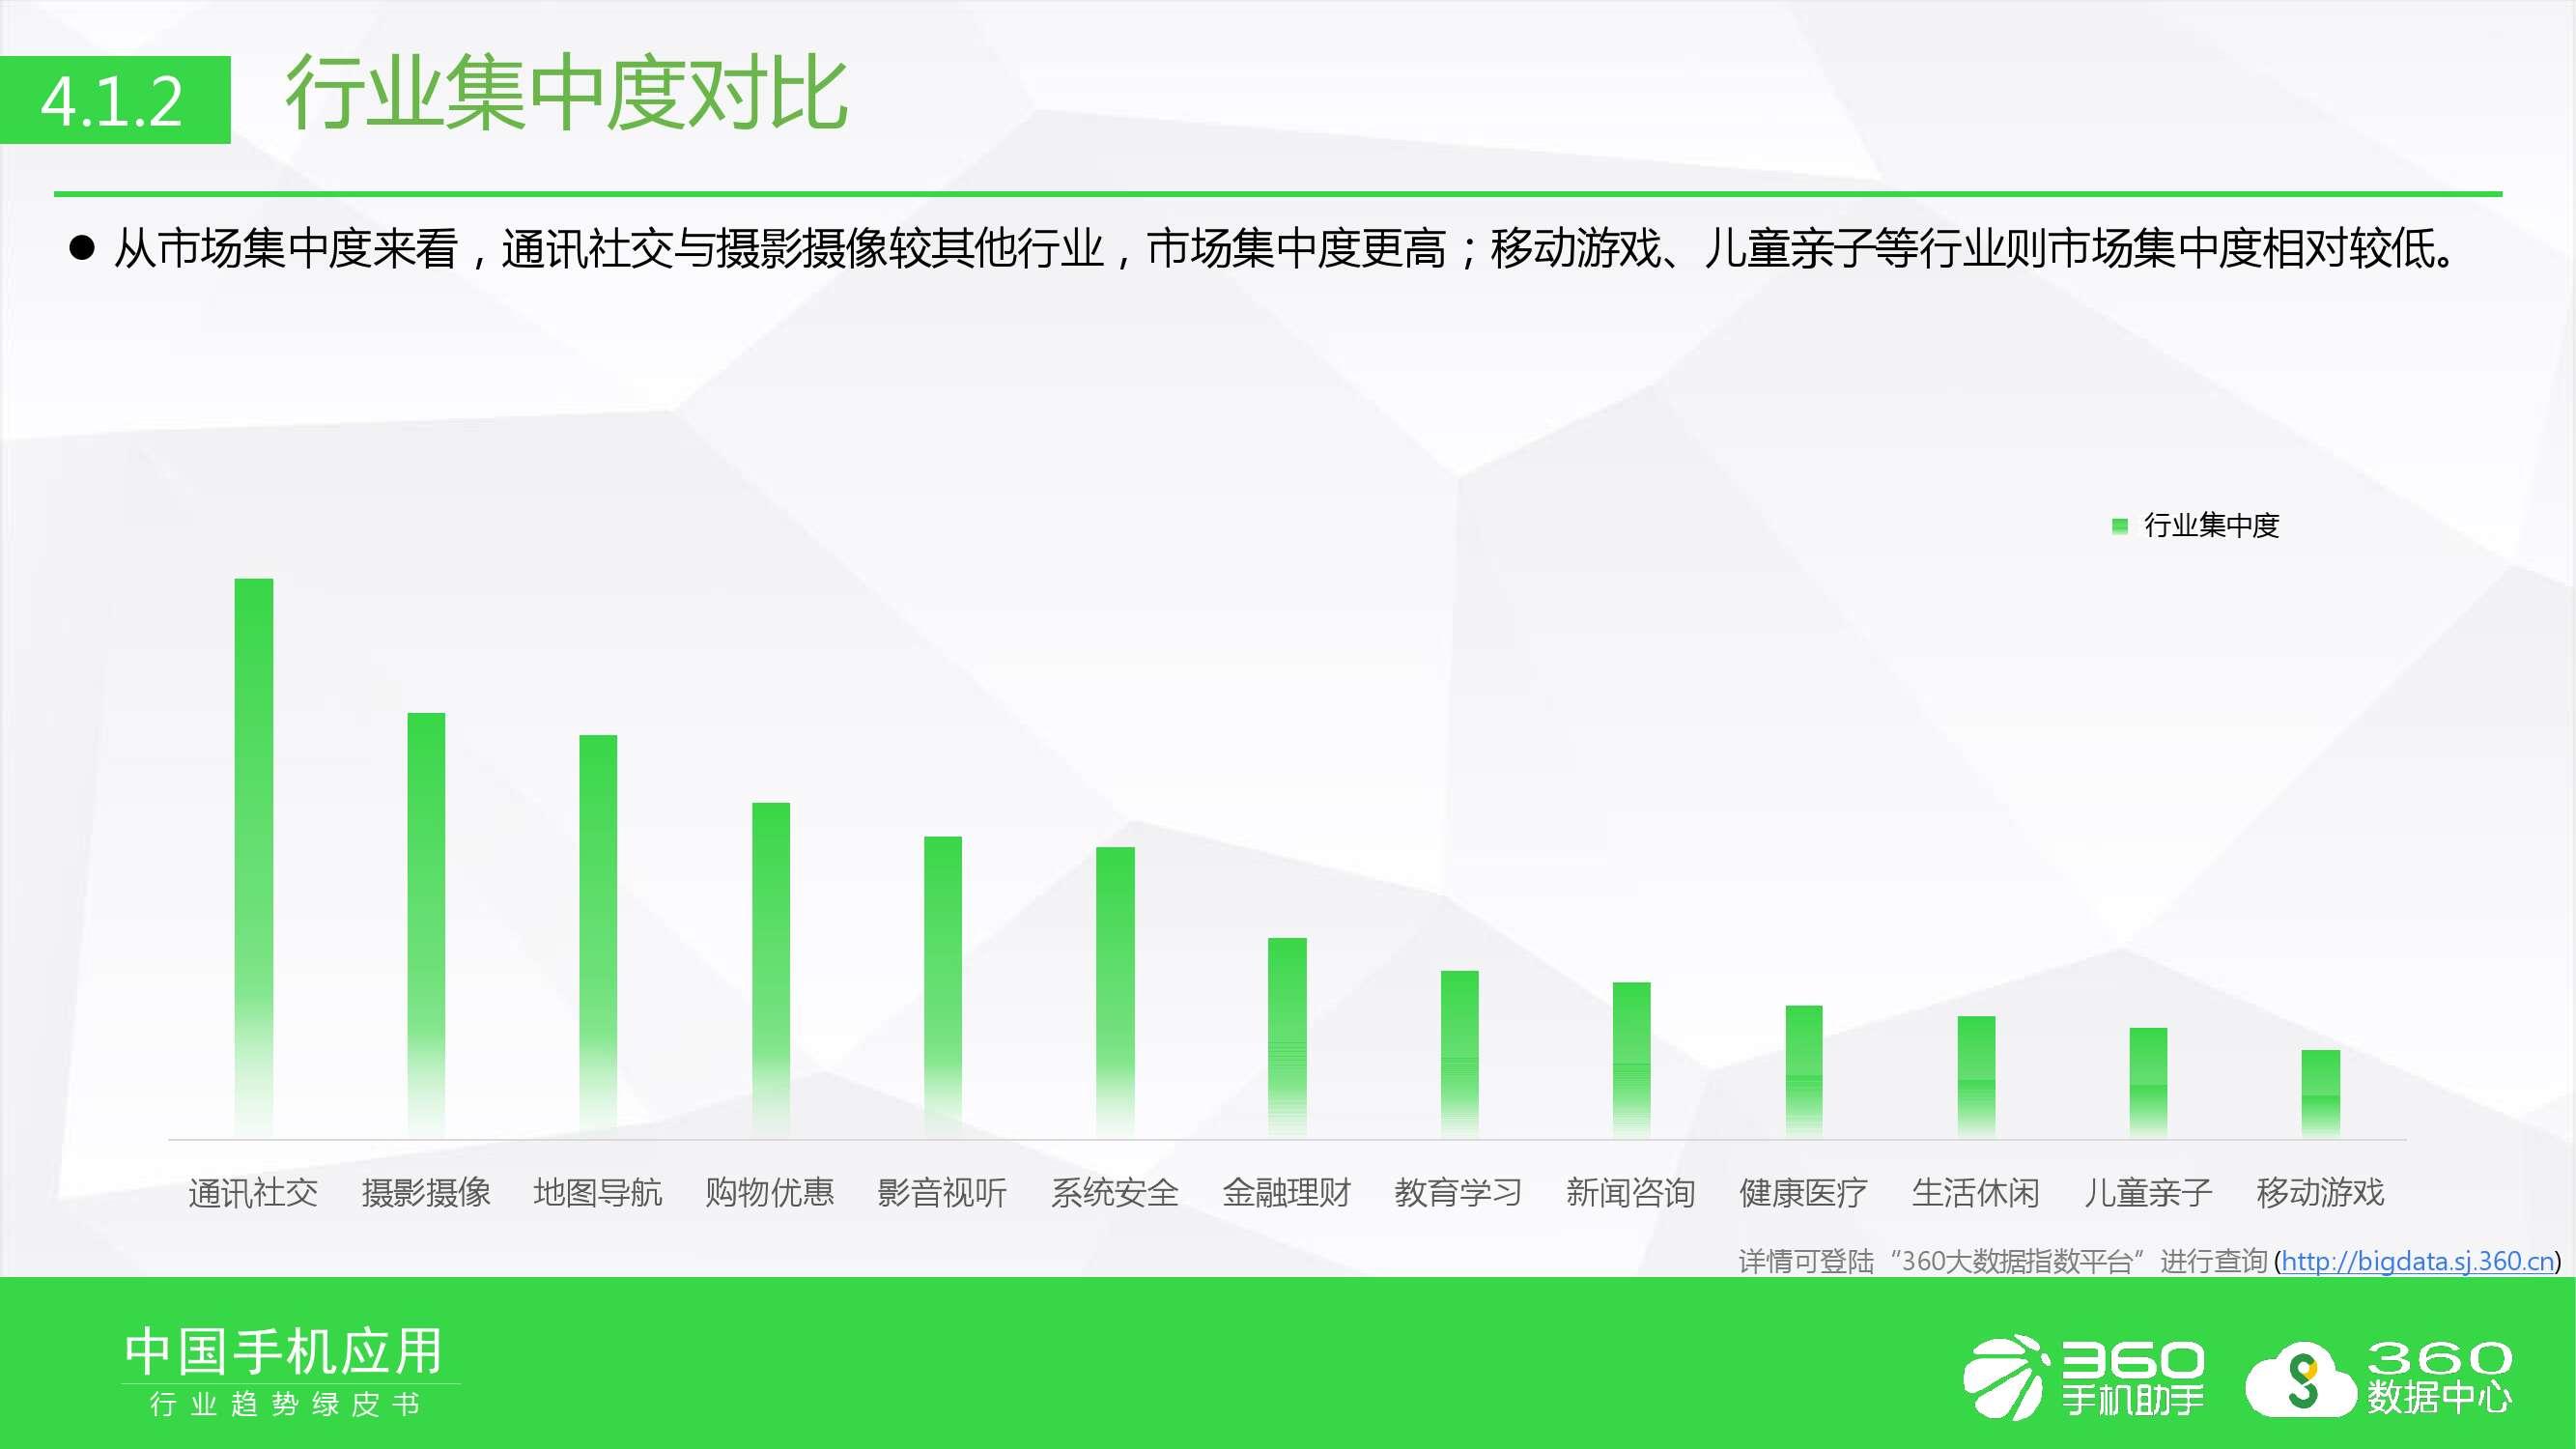 2016年手机软件行业趋势绿皮书_000038